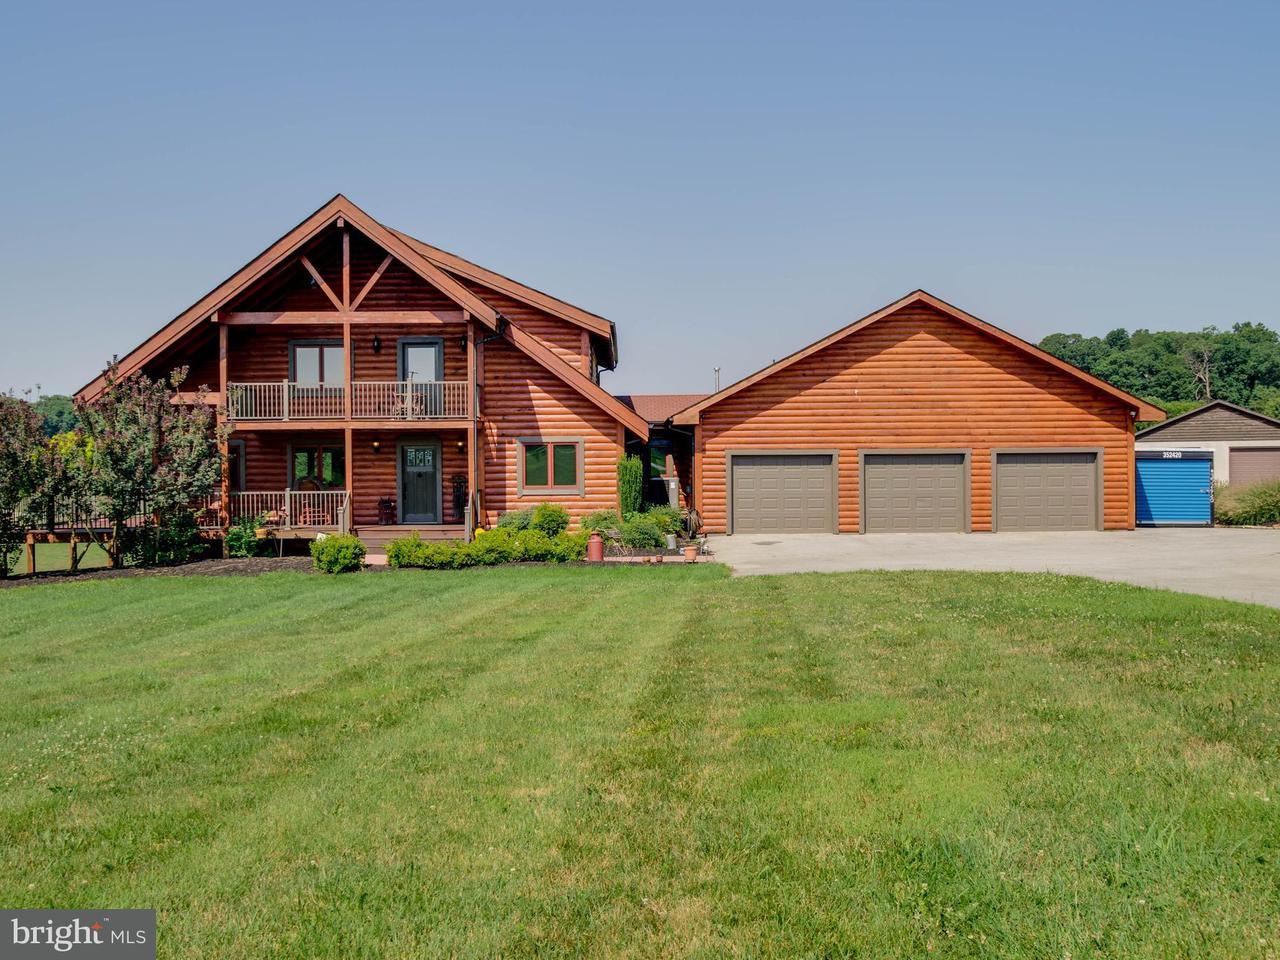 Частный односемейный дом для того Продажа на 5048 GRAVE RUN Road 5048 GRAVE RUN Road Manchester, Мэриленд 21102 Соединенные Штаты